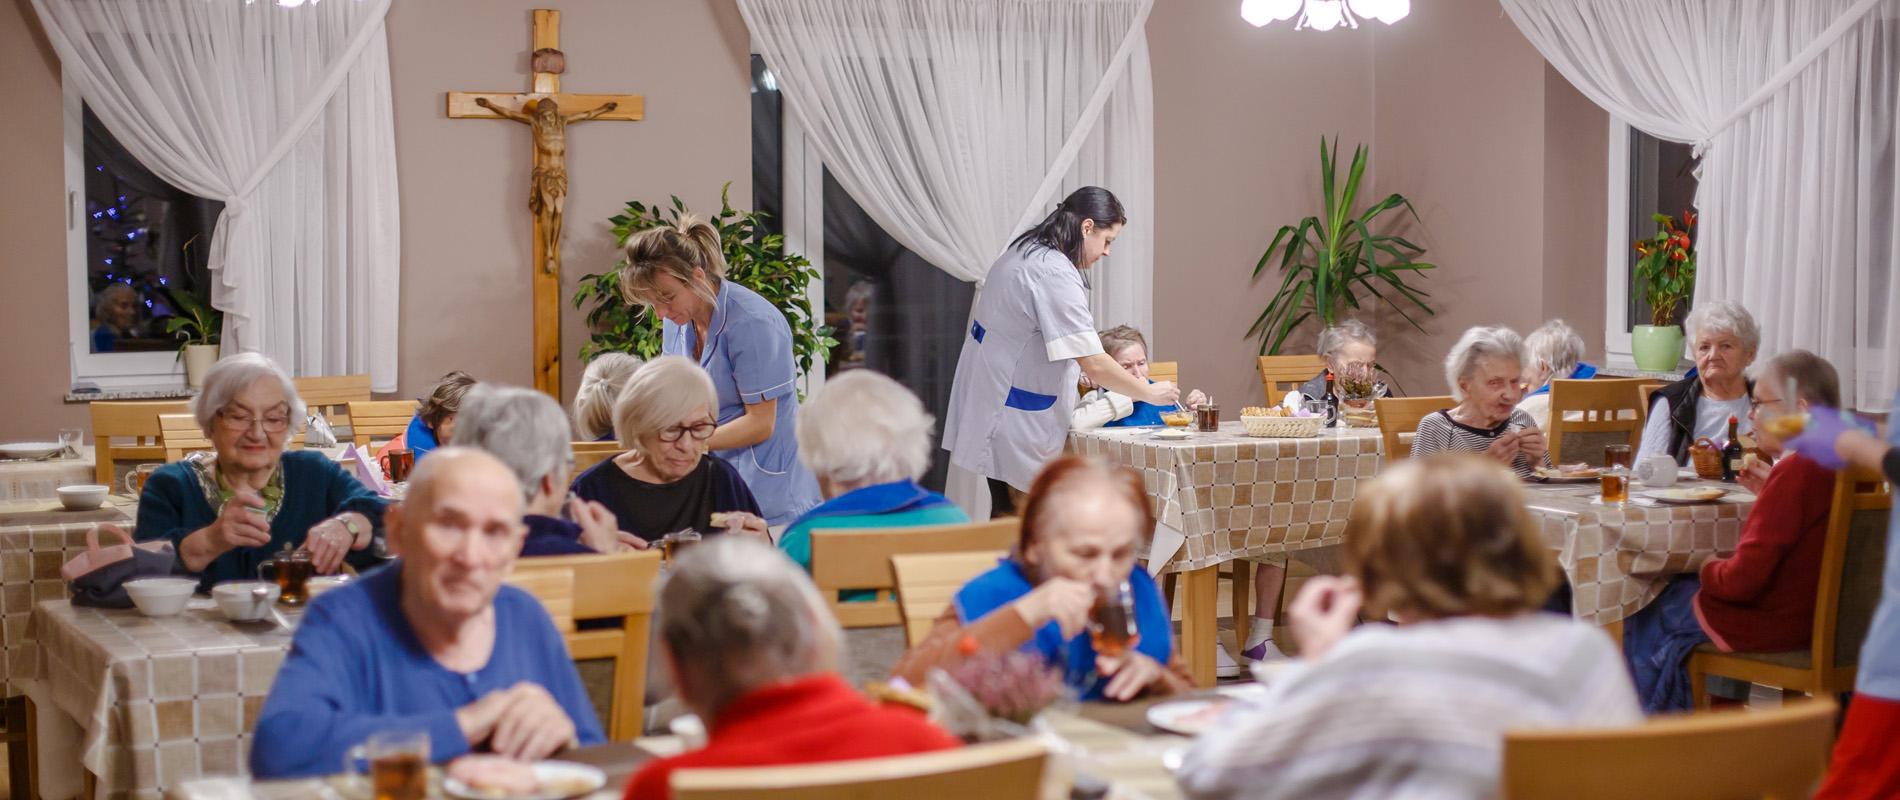 palac_seniora-slajd-opieka-calodobowa-osob-starszych